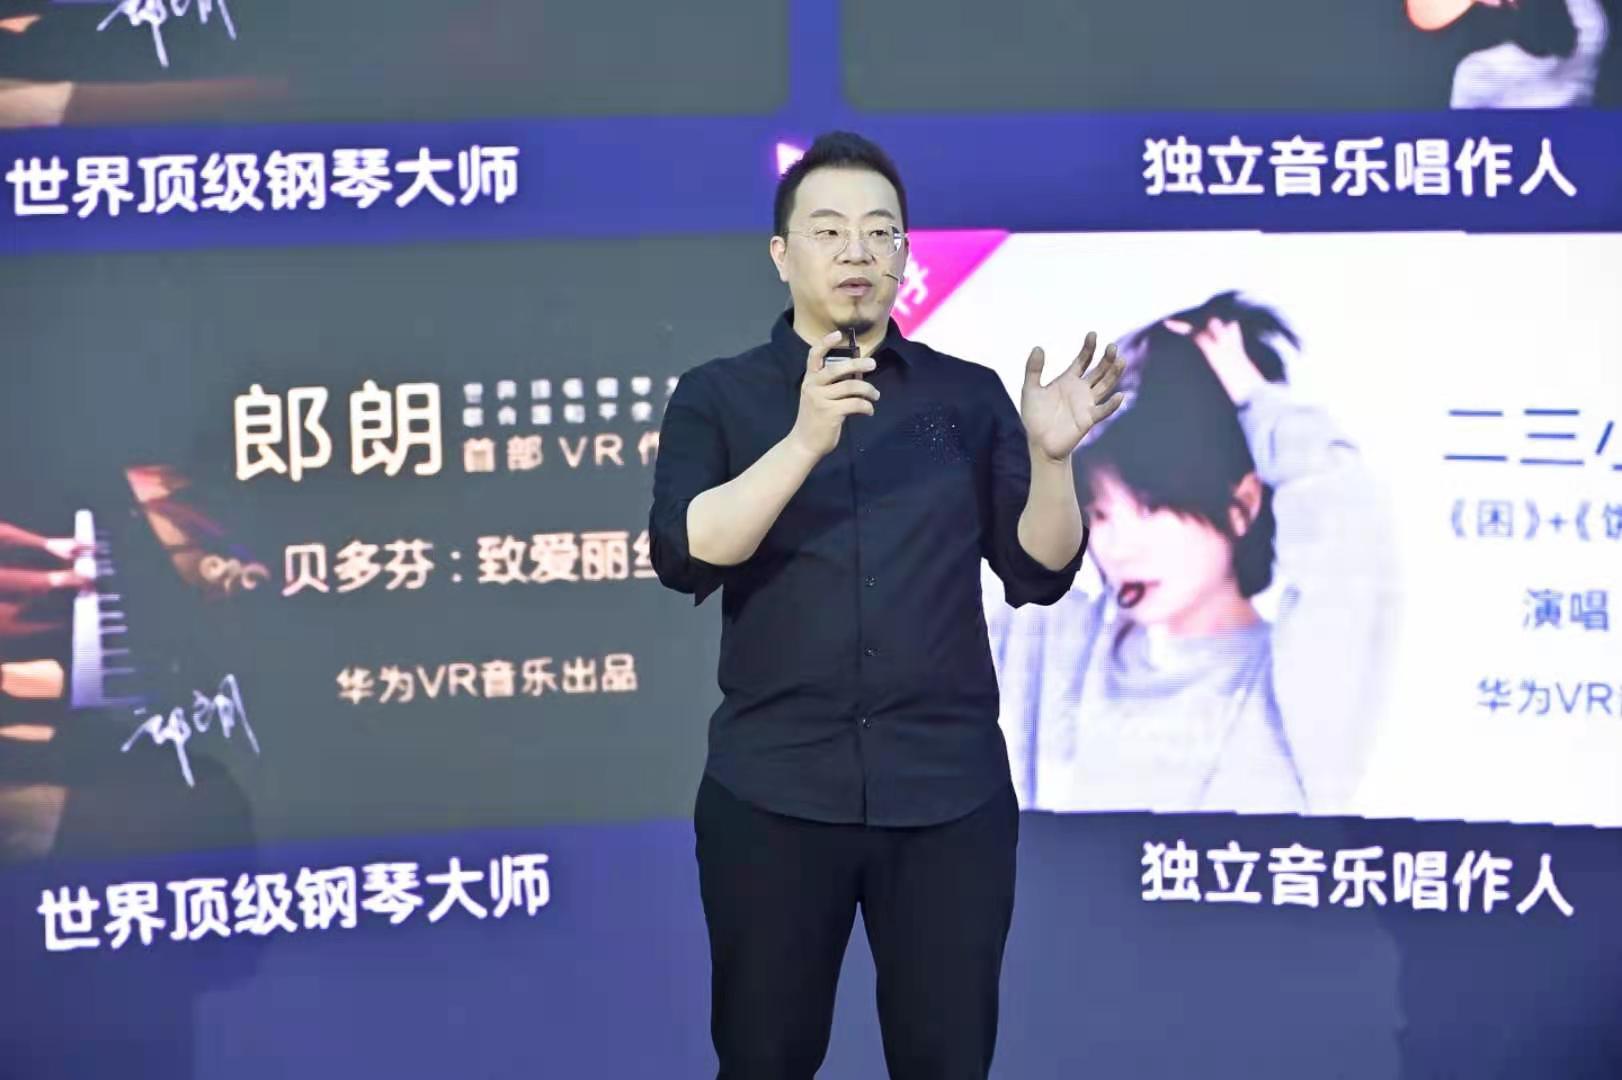 华为VR音视频产品总监Xinxin